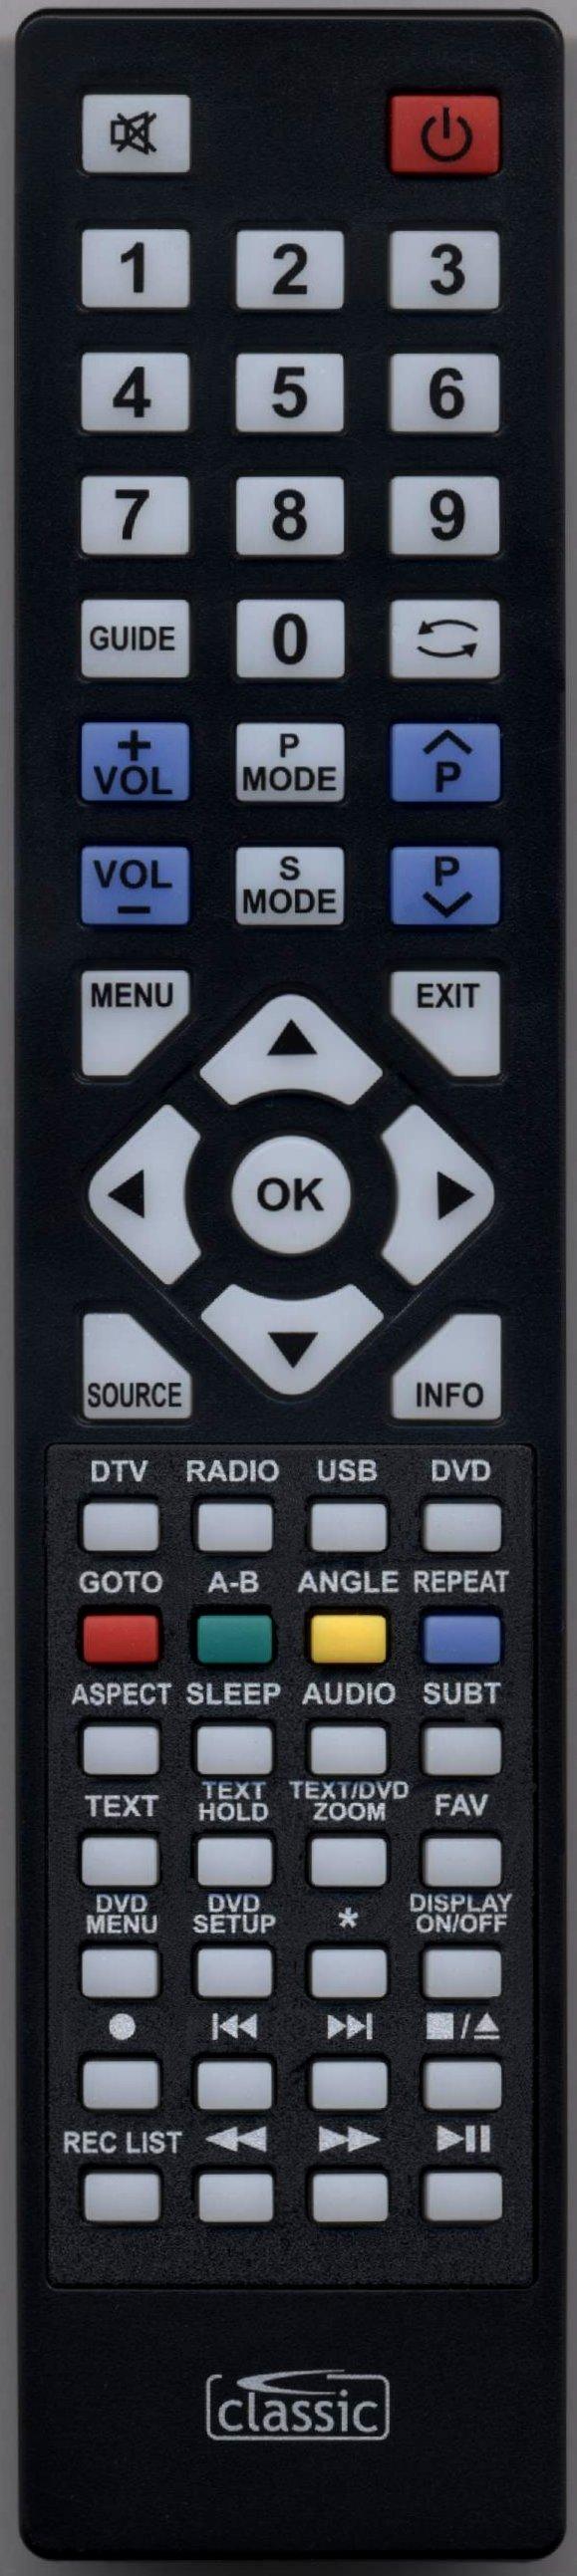 BLAUPUNKT 43/137O-WB-11B-FEGU-UK Remote Control